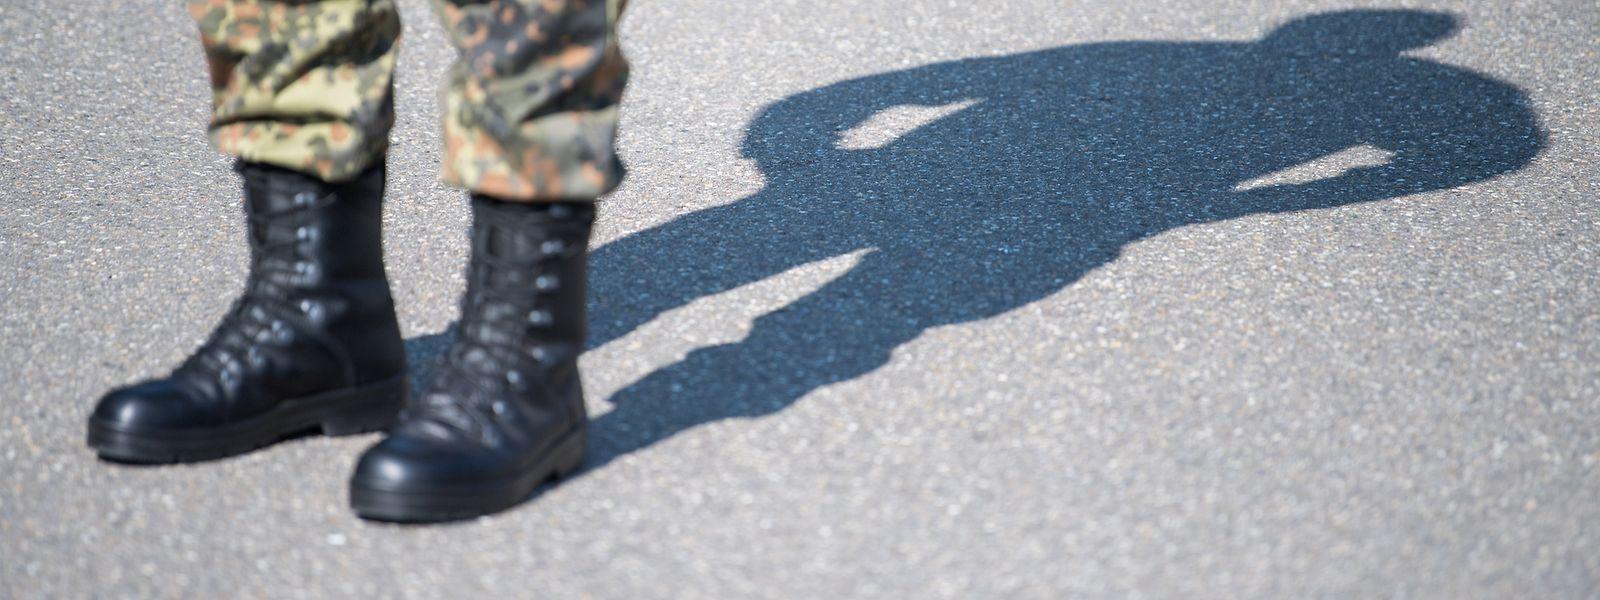 """Der Militärische Abschirmdienst (MAD) hat nach einem """"Spiegel""""-Bericht seit Mai 50 neue Verdachtsfälle möglicher Rechtsextremisten in der Bundeswehr verzeichnet."""